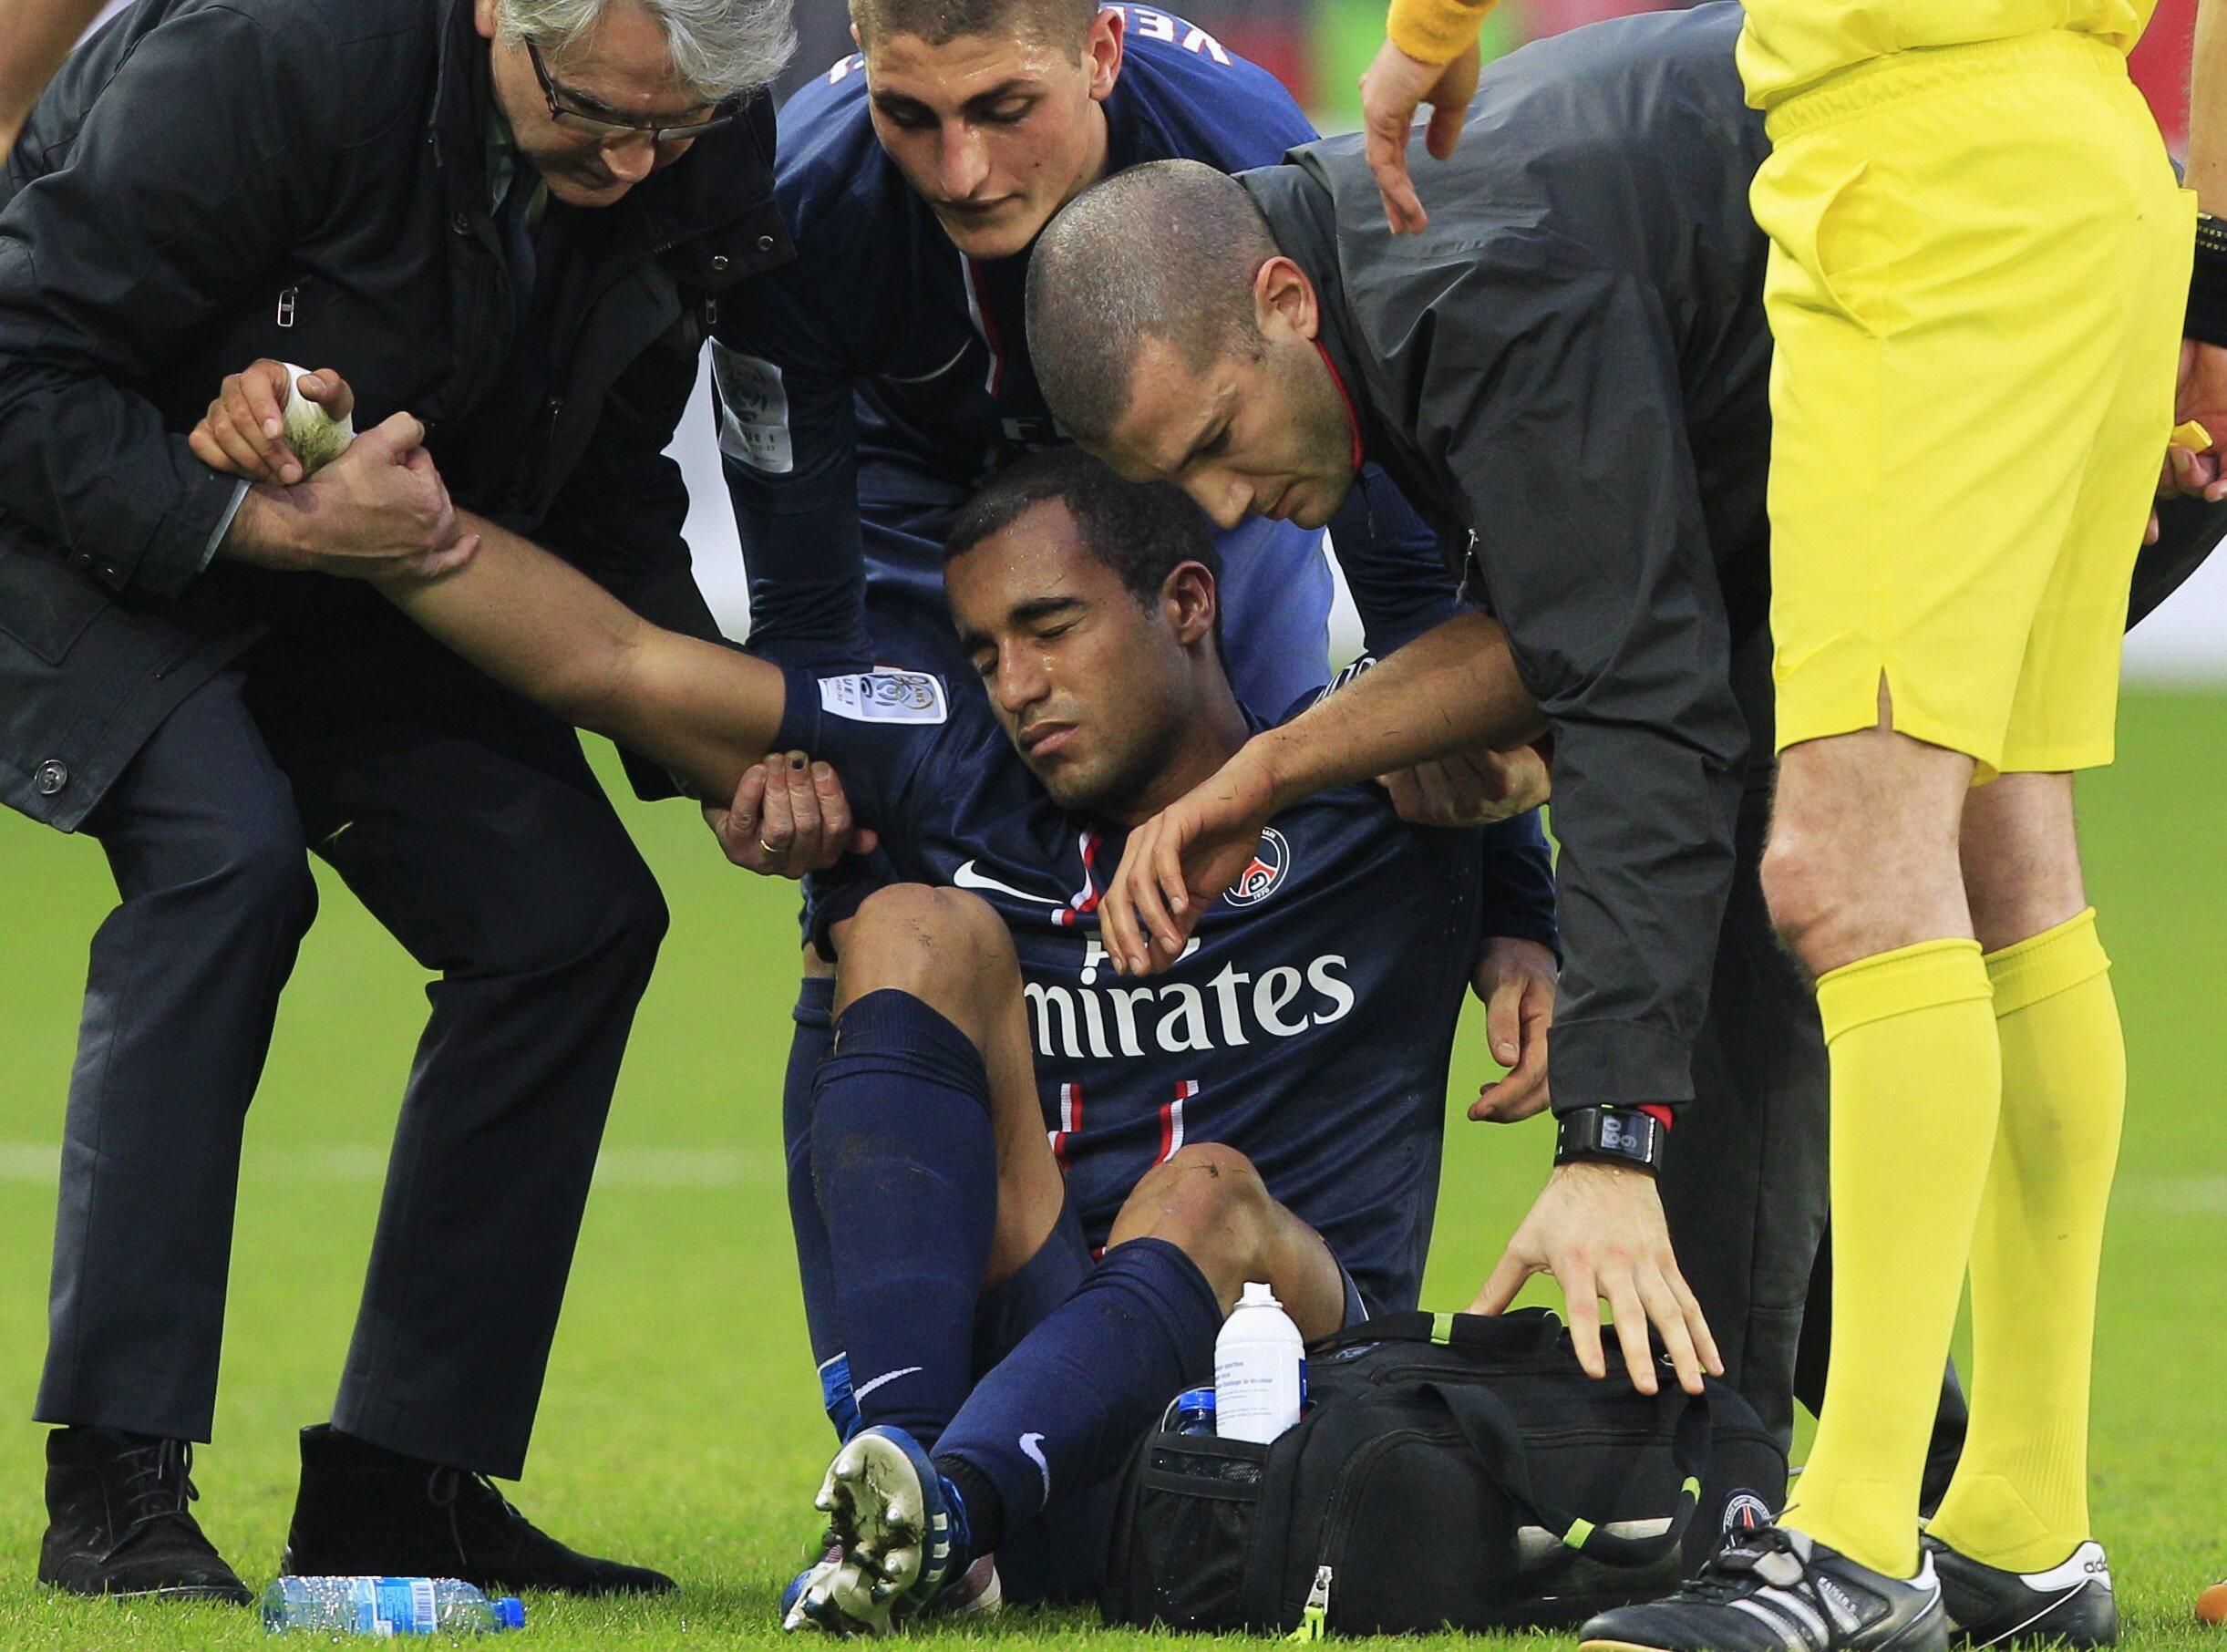 Lucas é amparado por médicos e colegas depois de sofrer entrada dura em jogo contra o Nancy(9 de março).